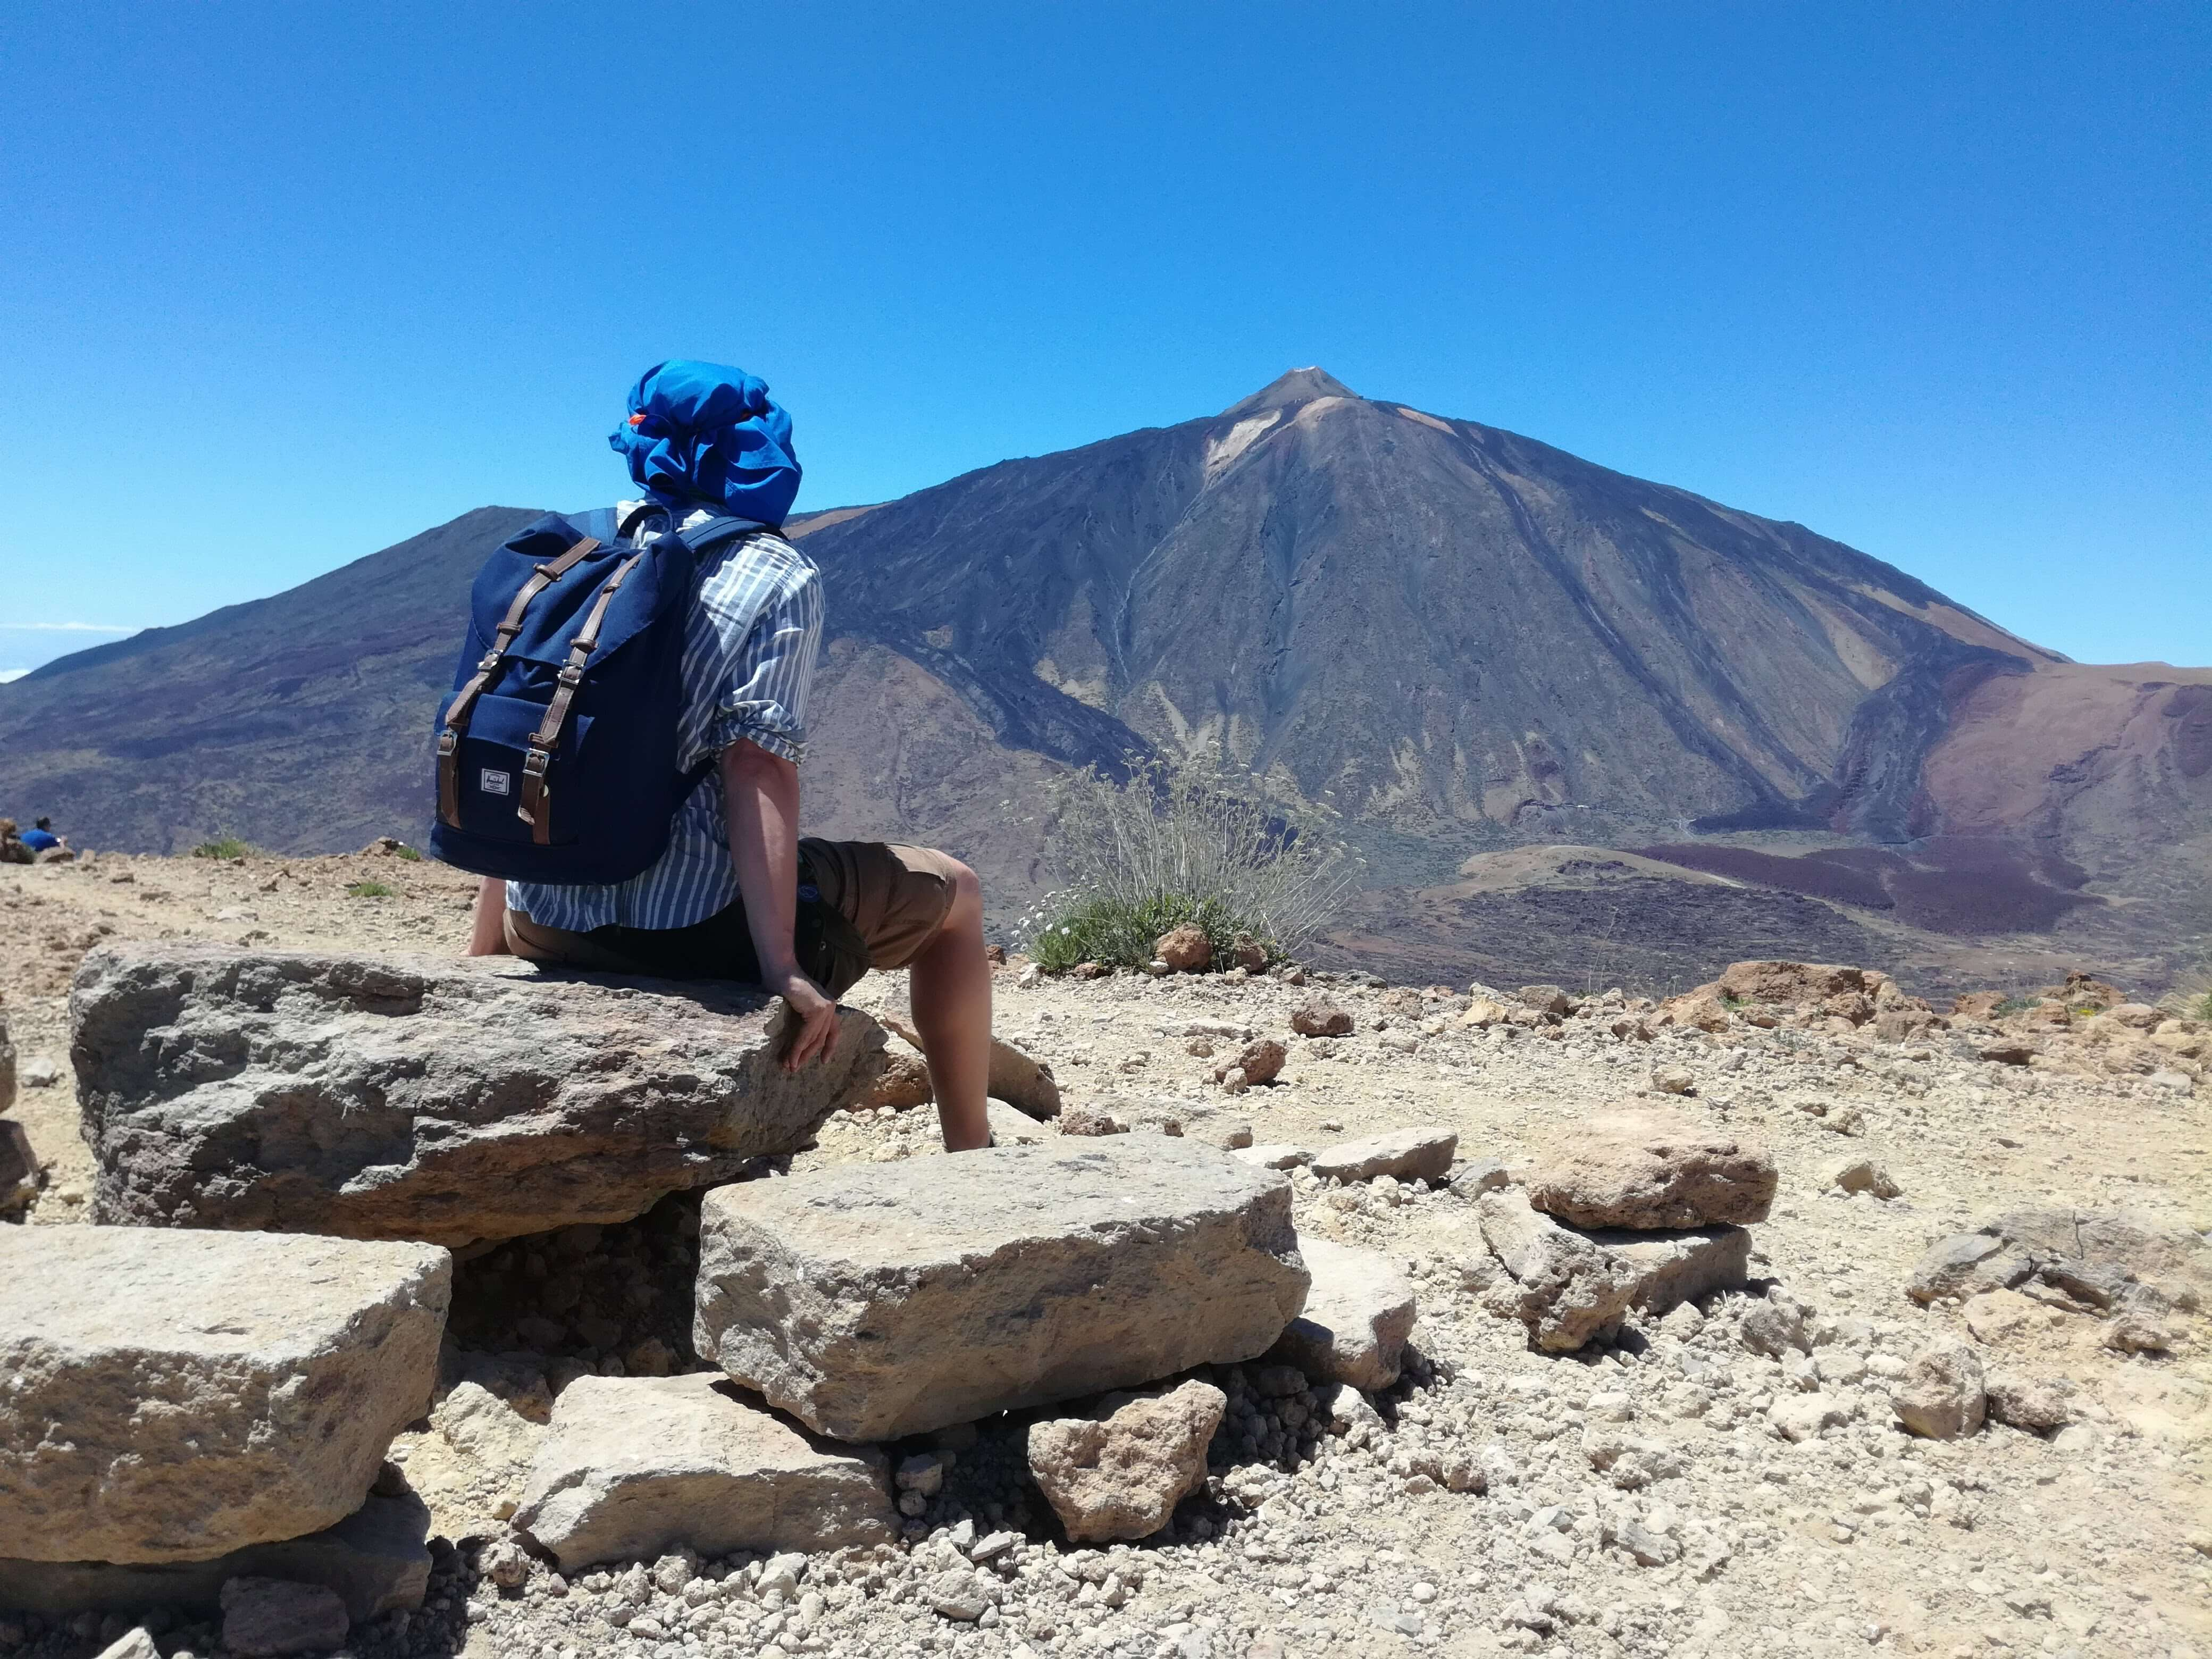 Horské Tenerife: Národní park Teide a další tipy na výlety